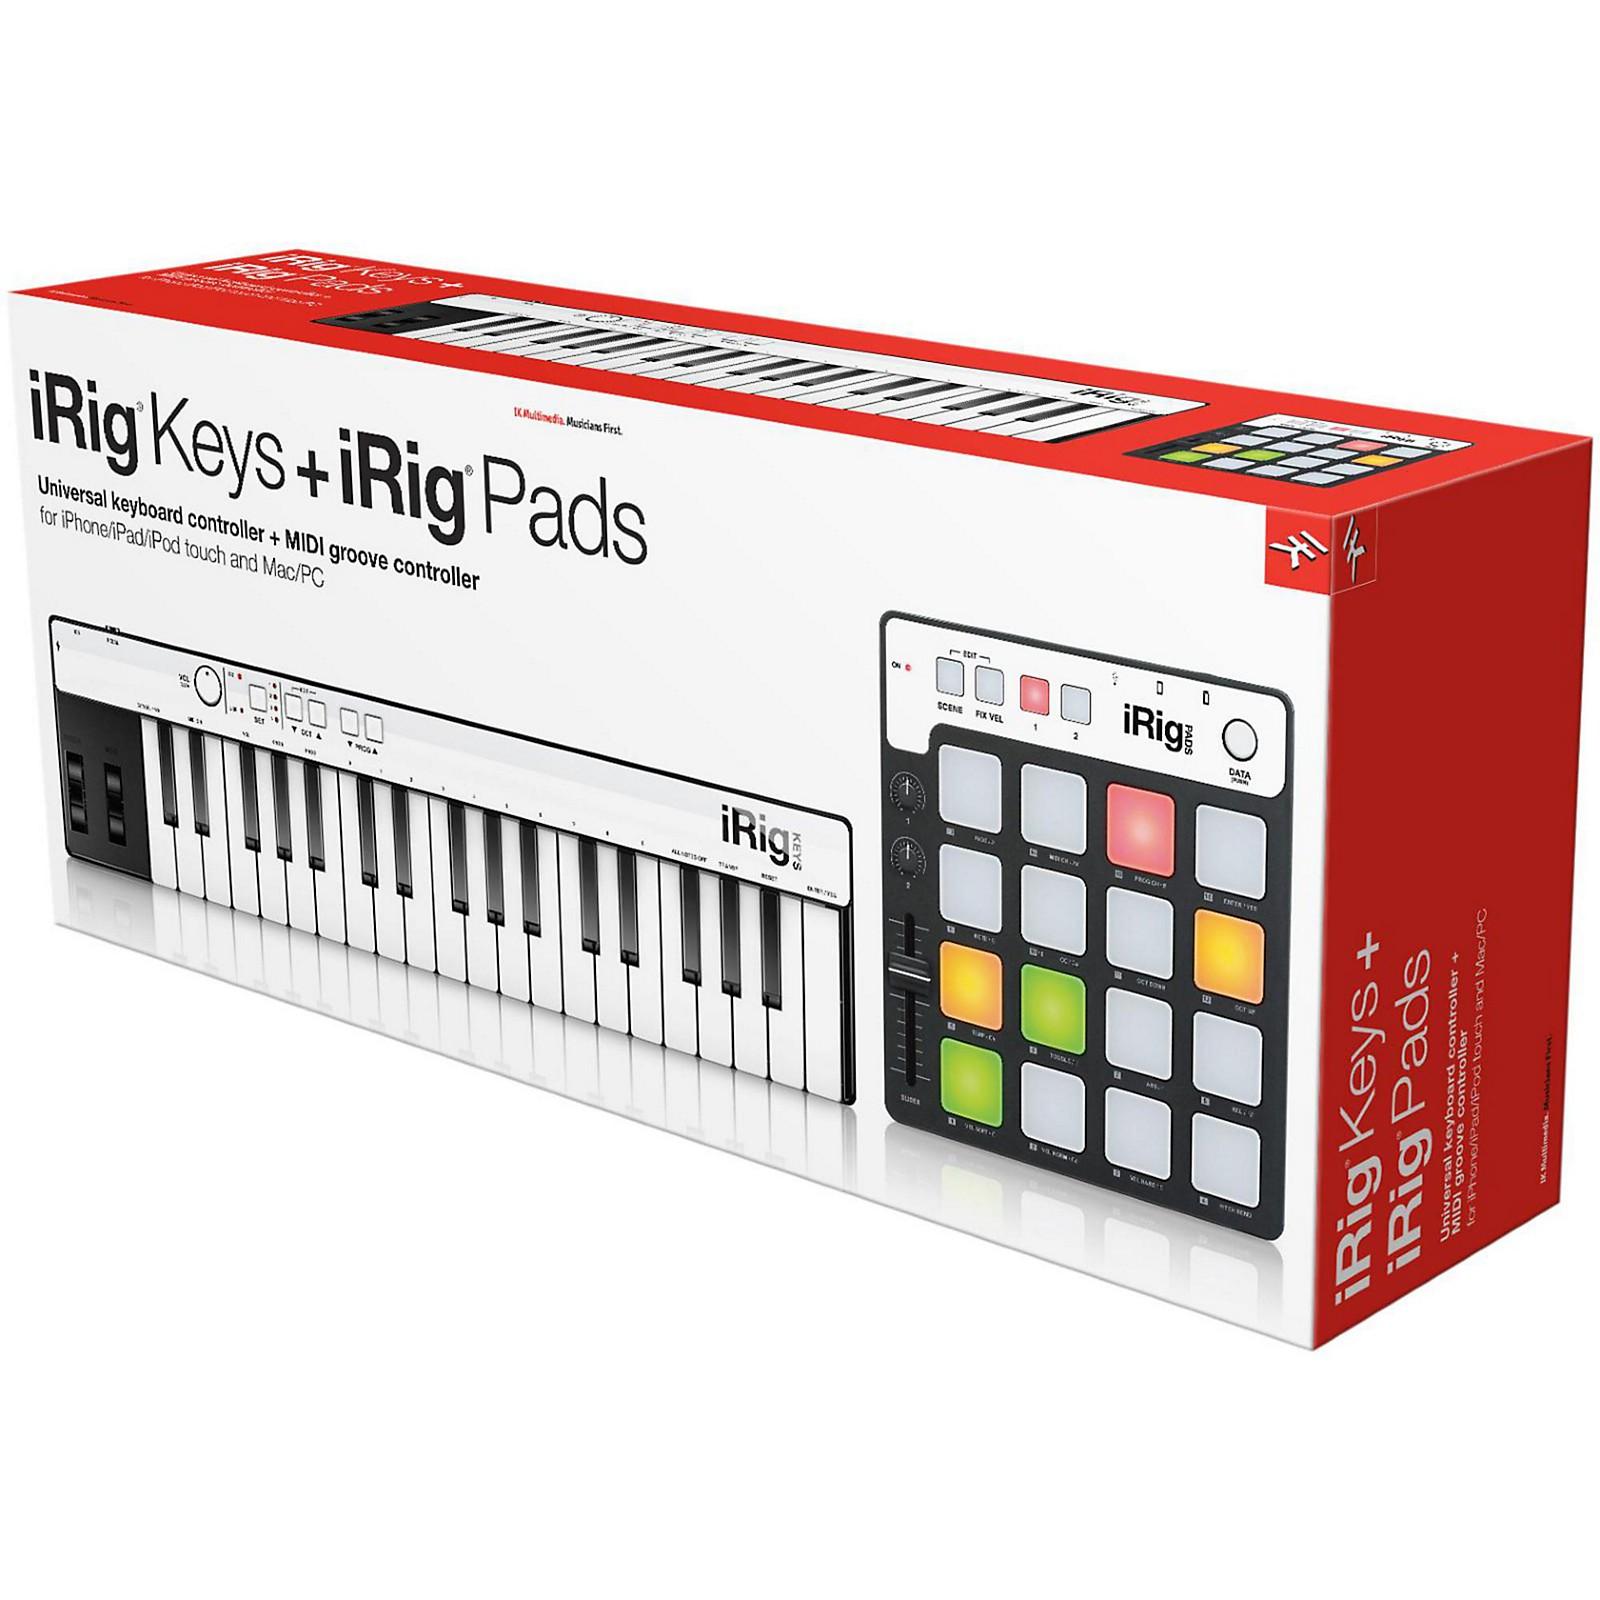 IK Multimedia iRig Keys + iRig Pads